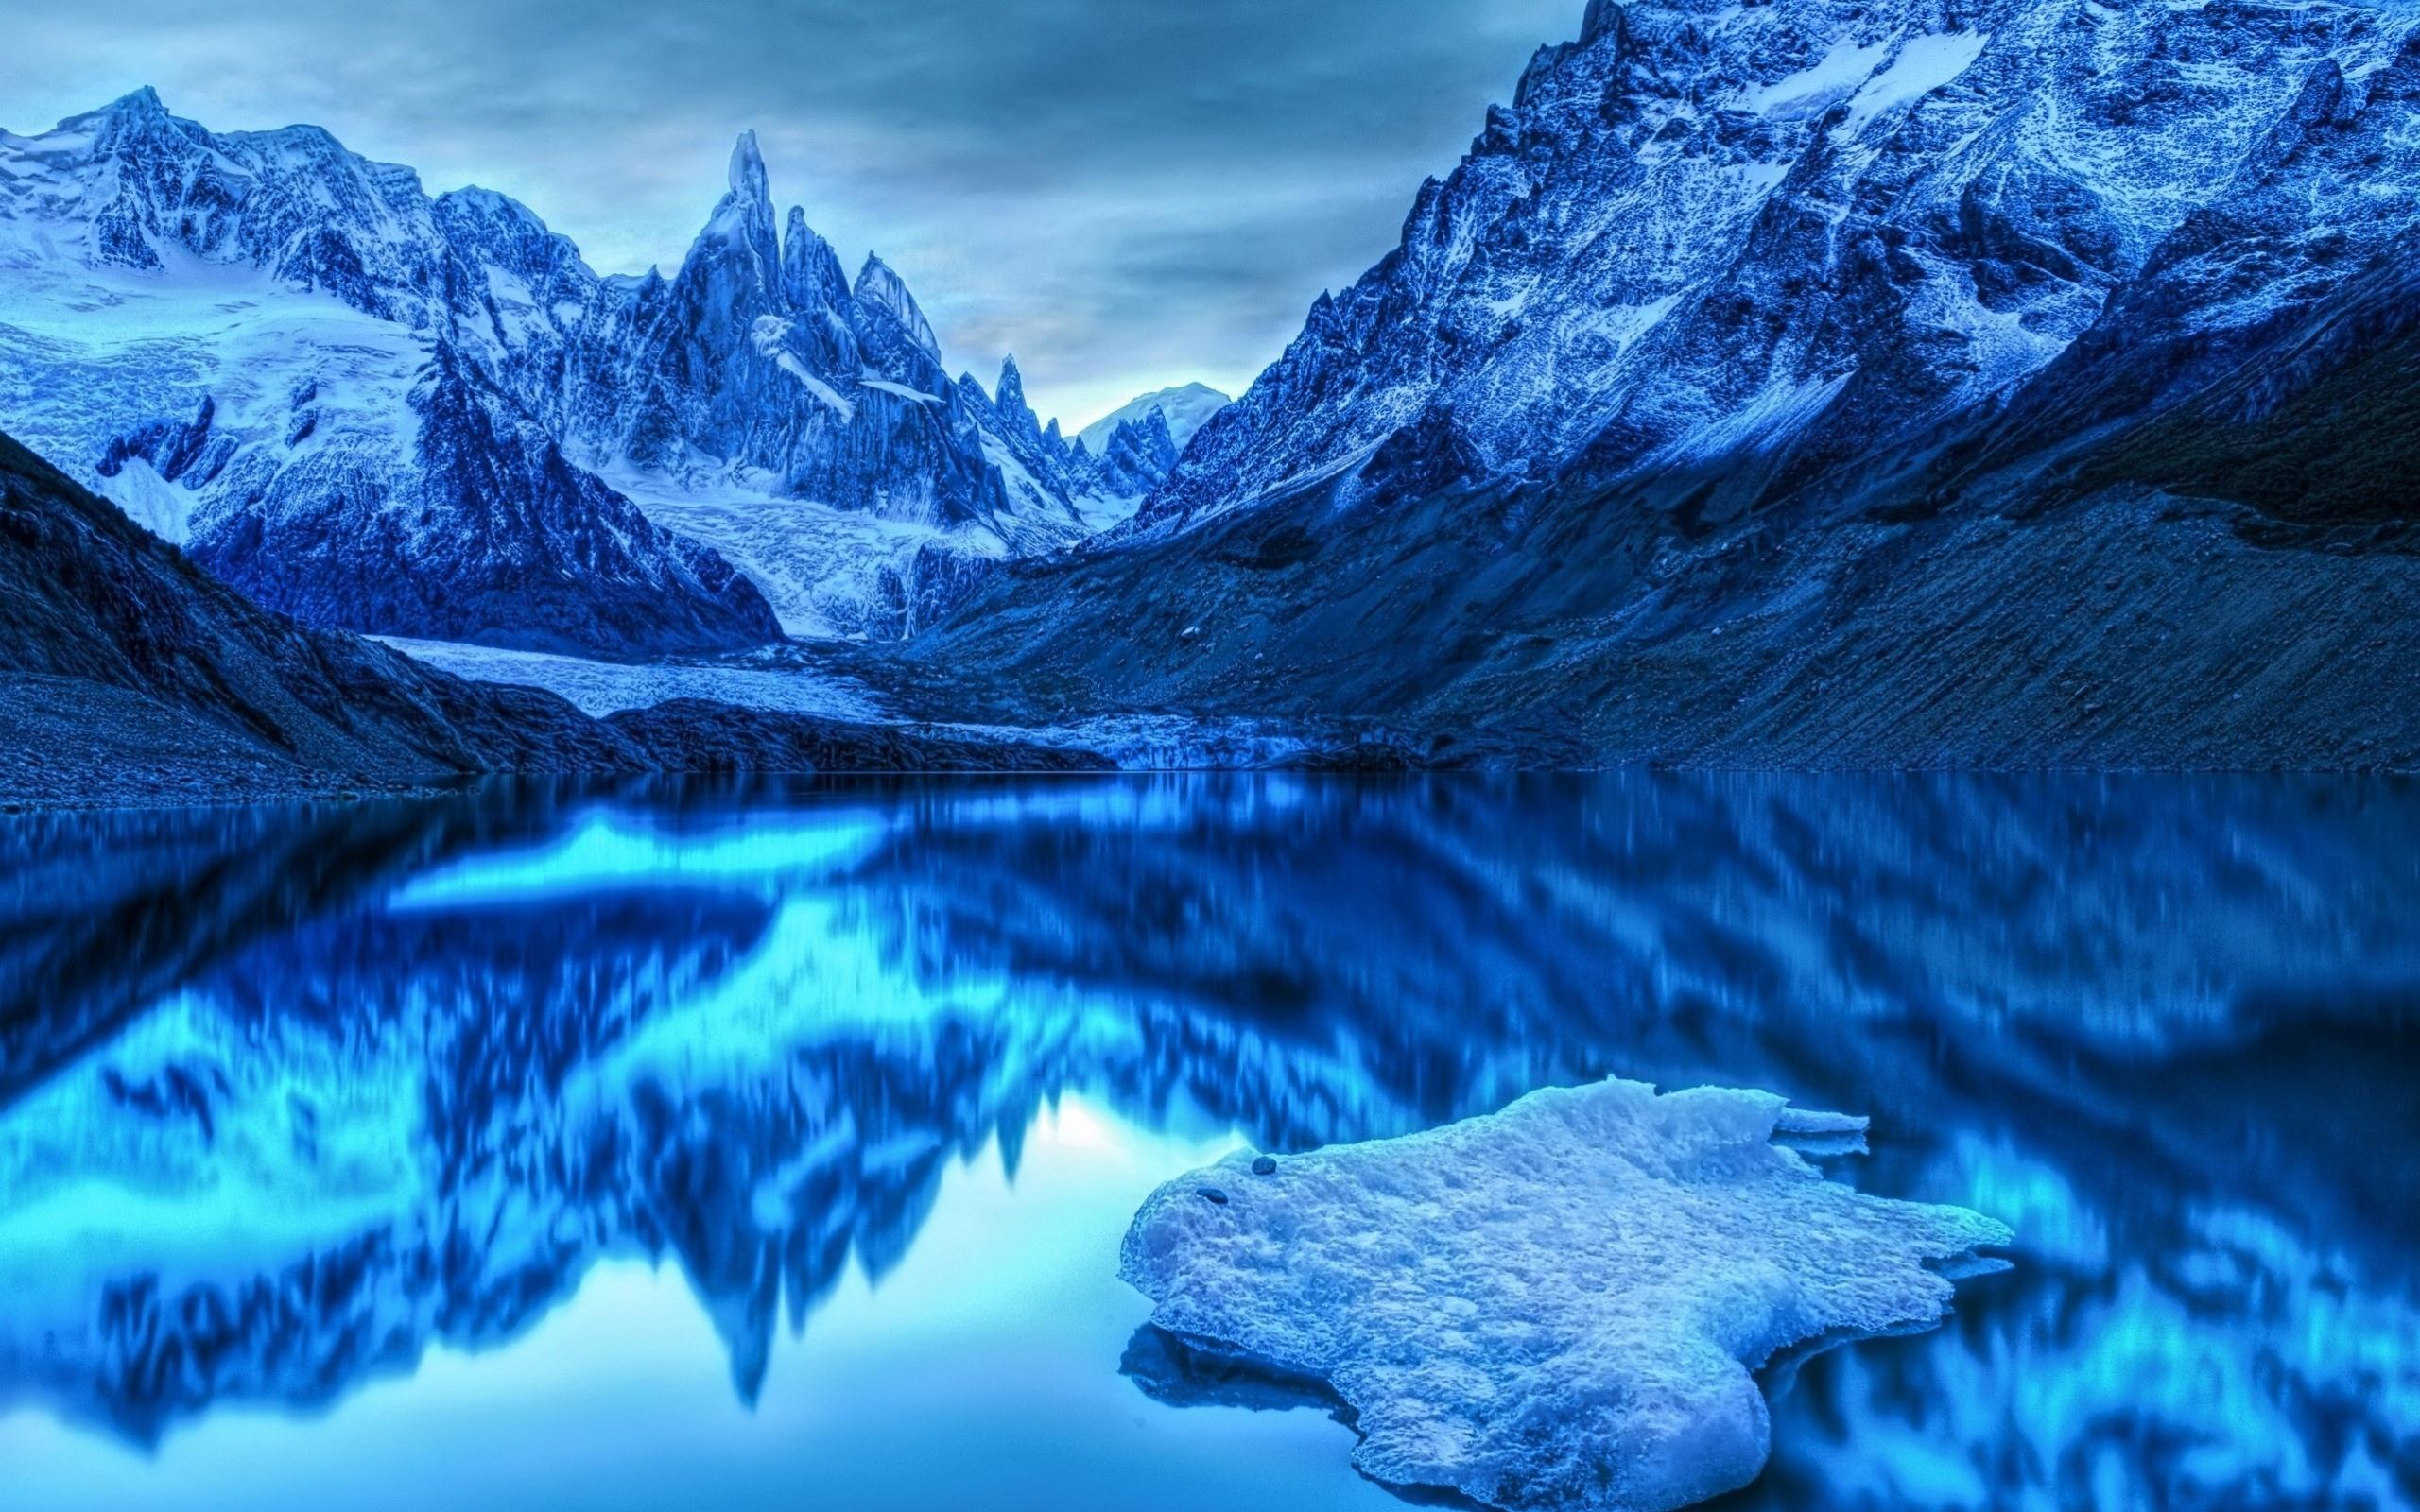 壁紙 ブルースタイル 山 湖 澄んだ水 水の反射 雪 夕暮れ 2560x1600 Hd 無料のデスクトップの背景 画像